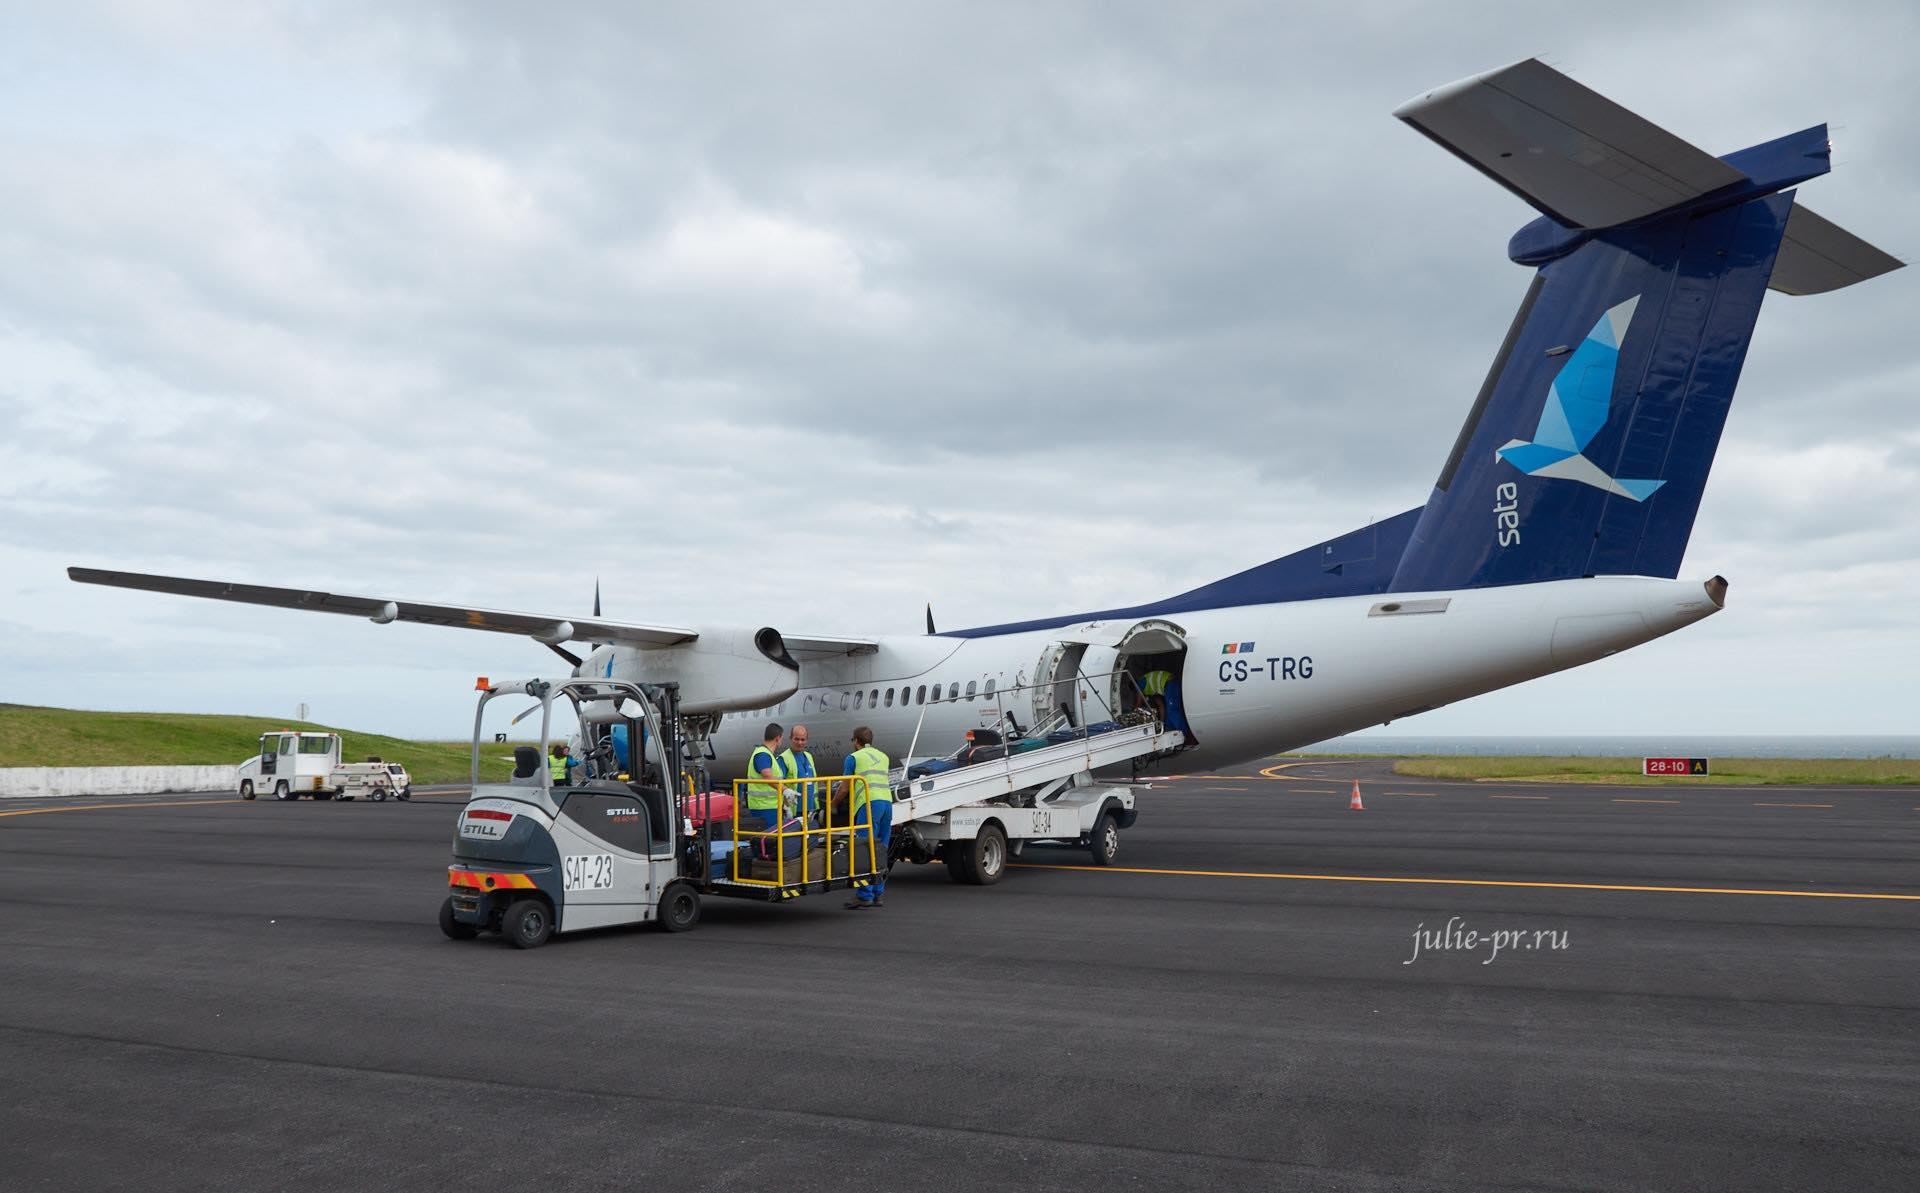 Азорские острова, SATA, Bombardier Dash-8 Q-Series